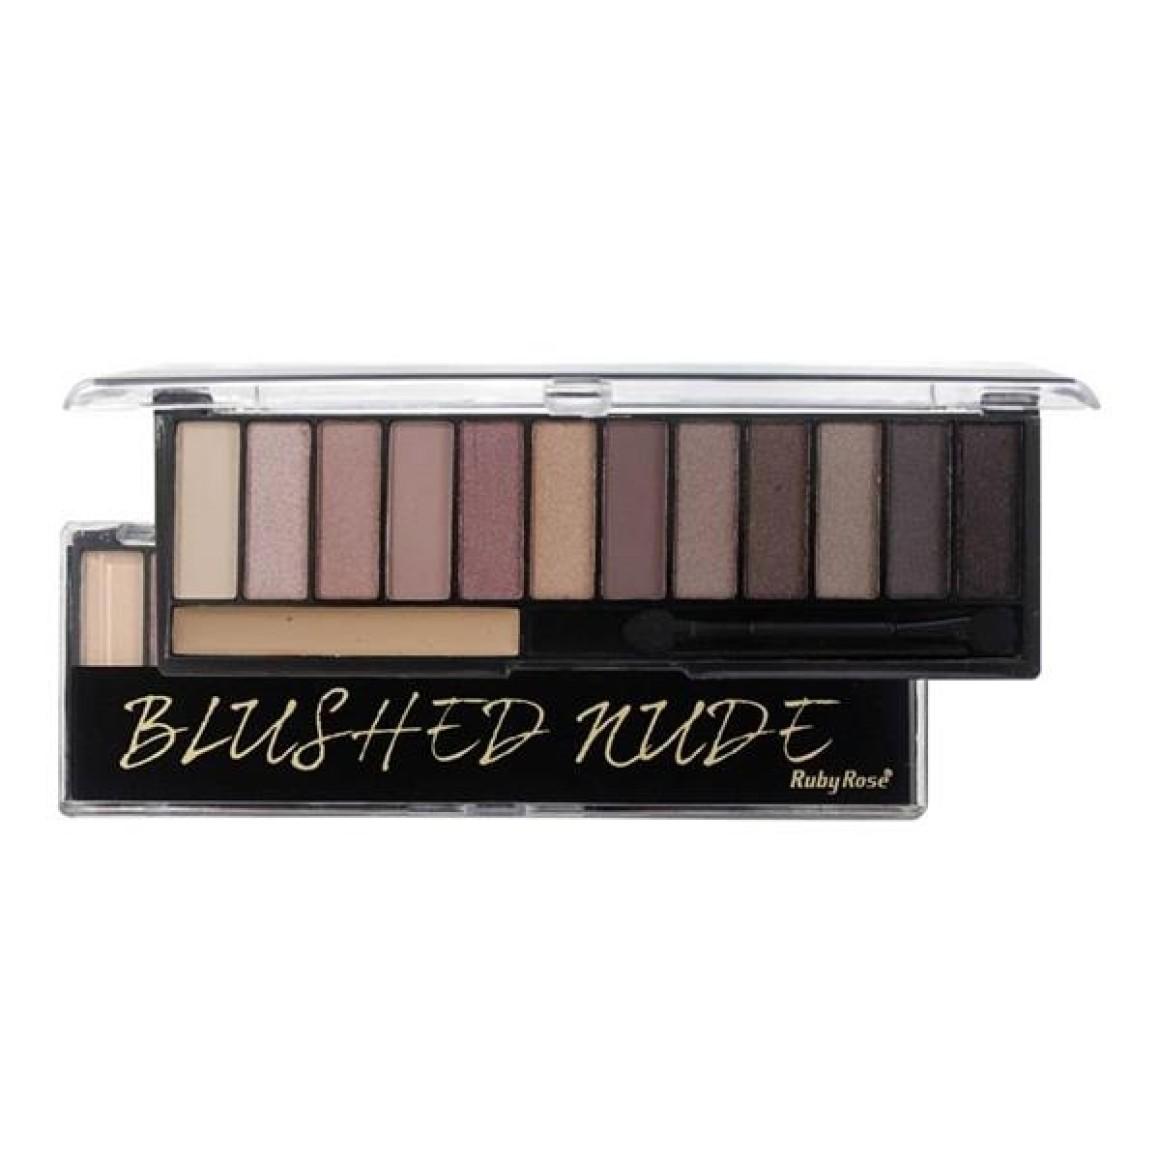 Blushed Nude Kit 12 Sombras + 1 Primer Ruby Rose - HB-9913